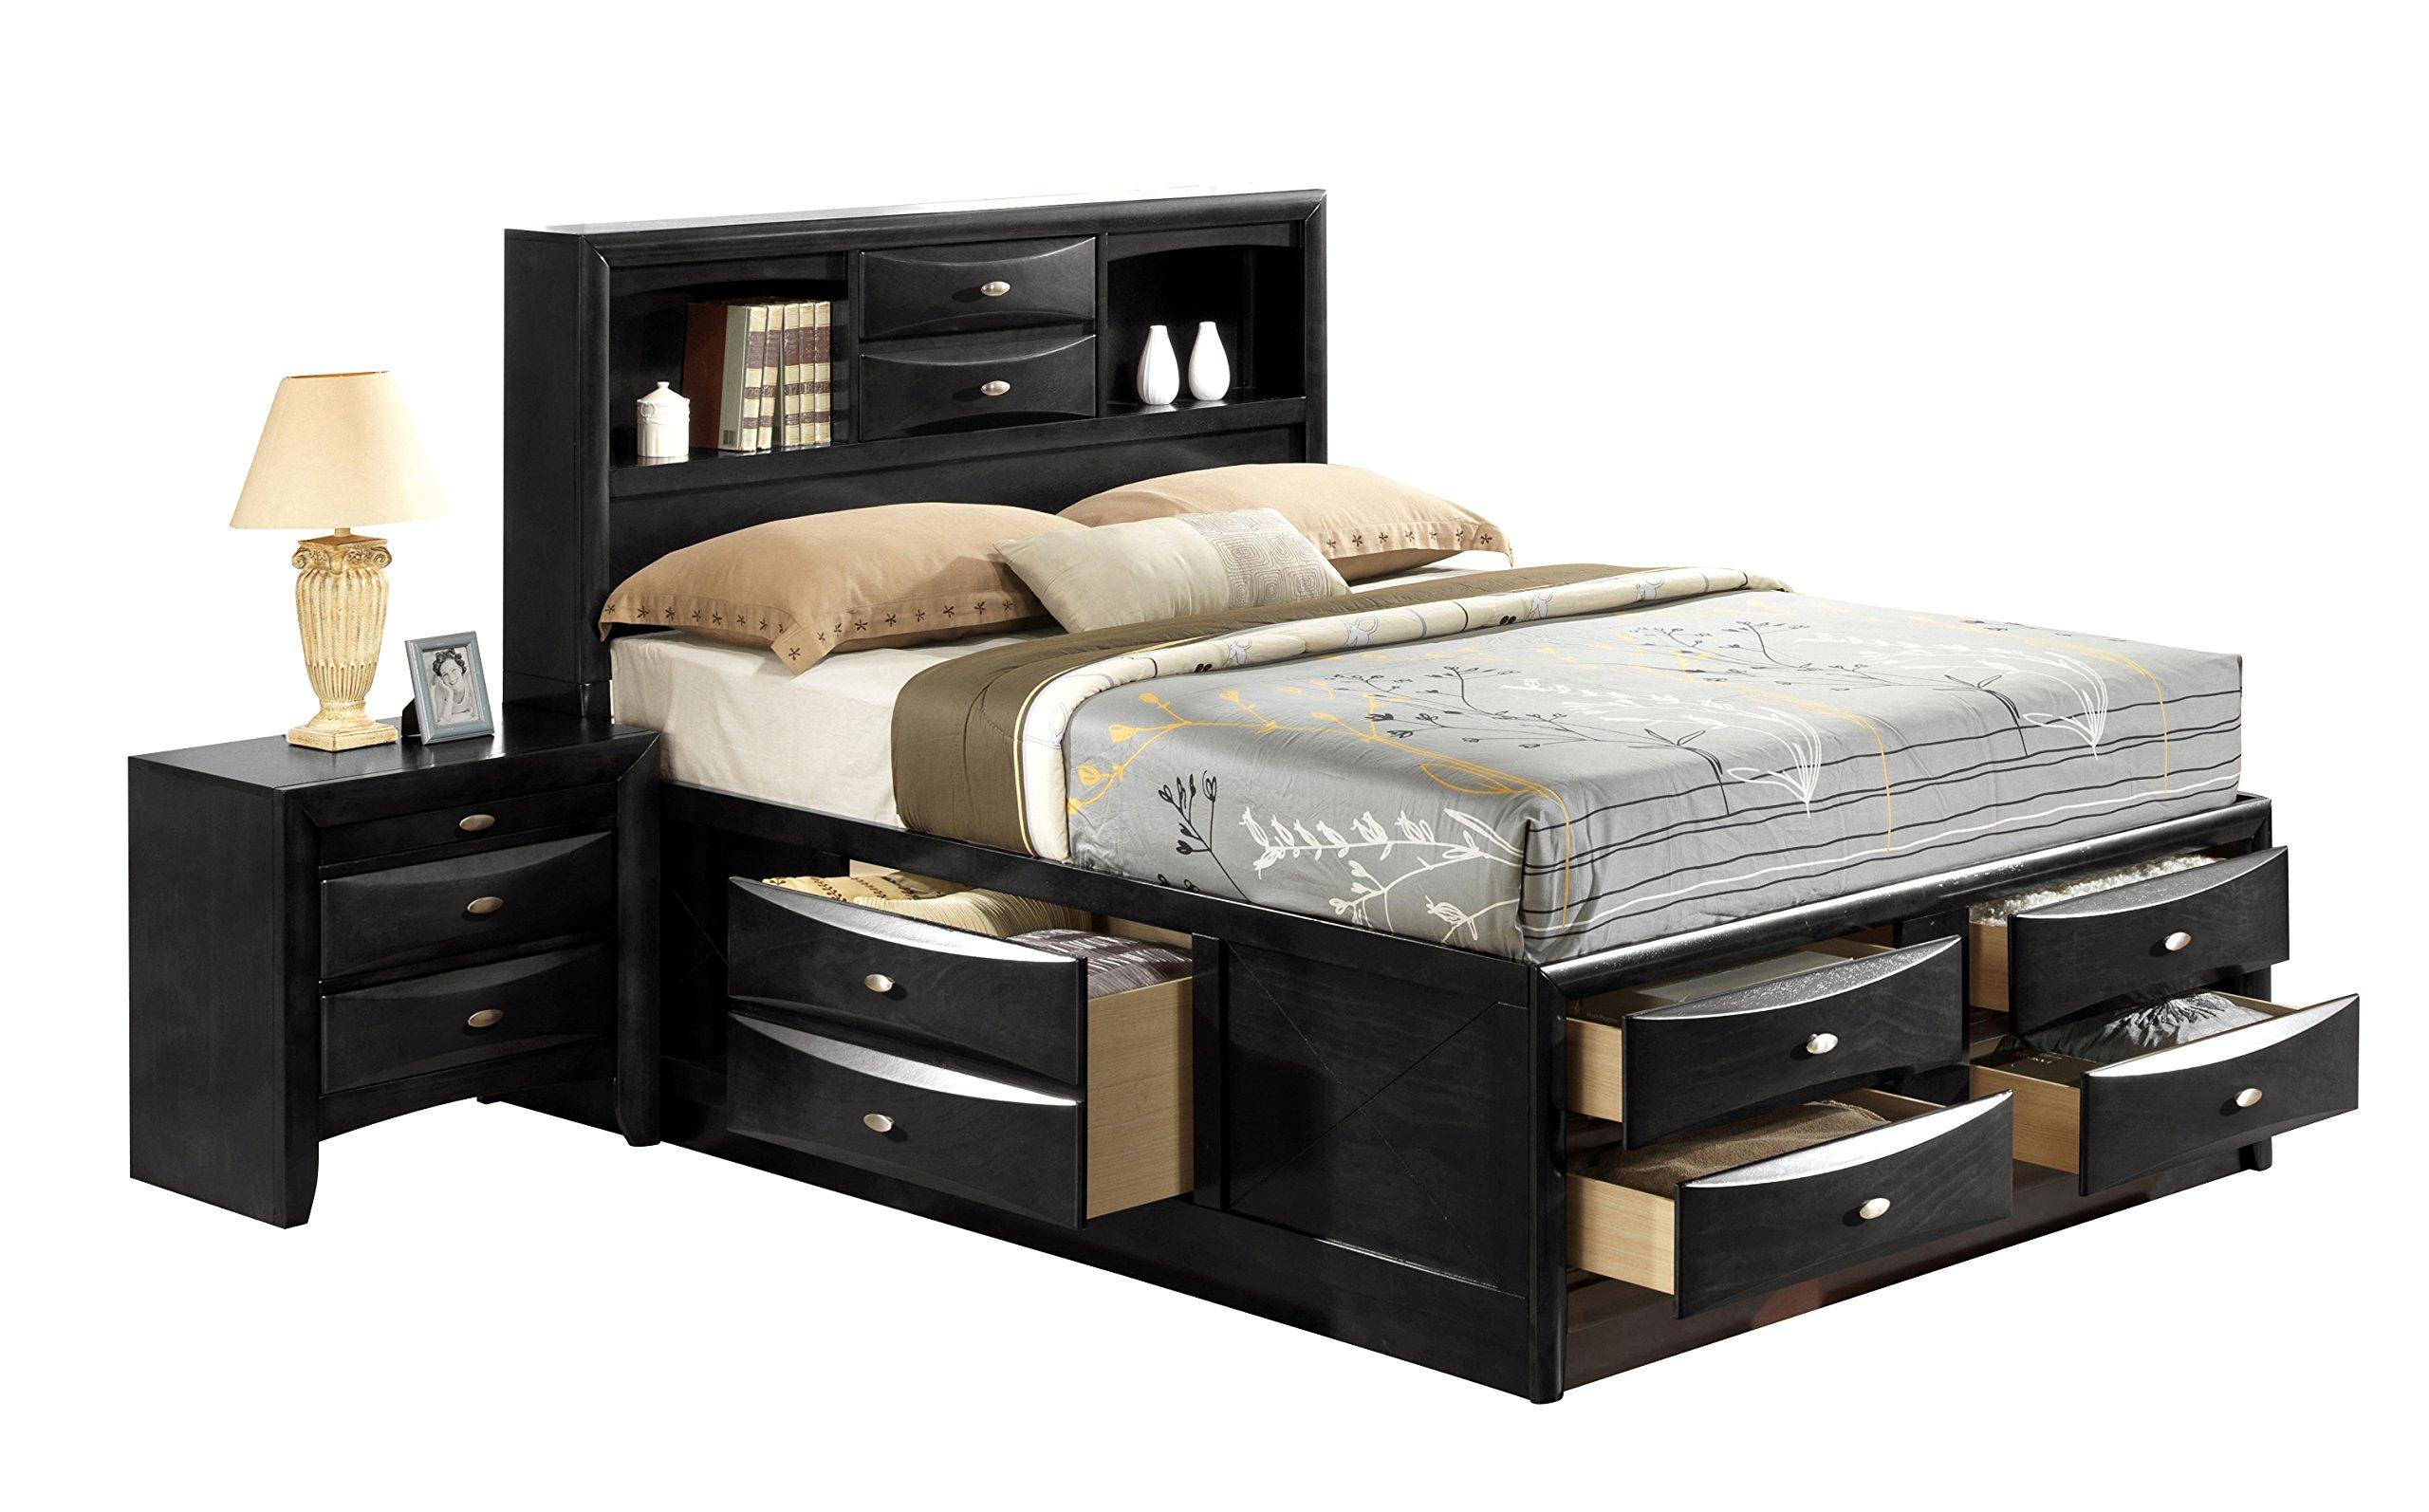 Global Furniture Linda Bed, King, Black by Global Furniture USA